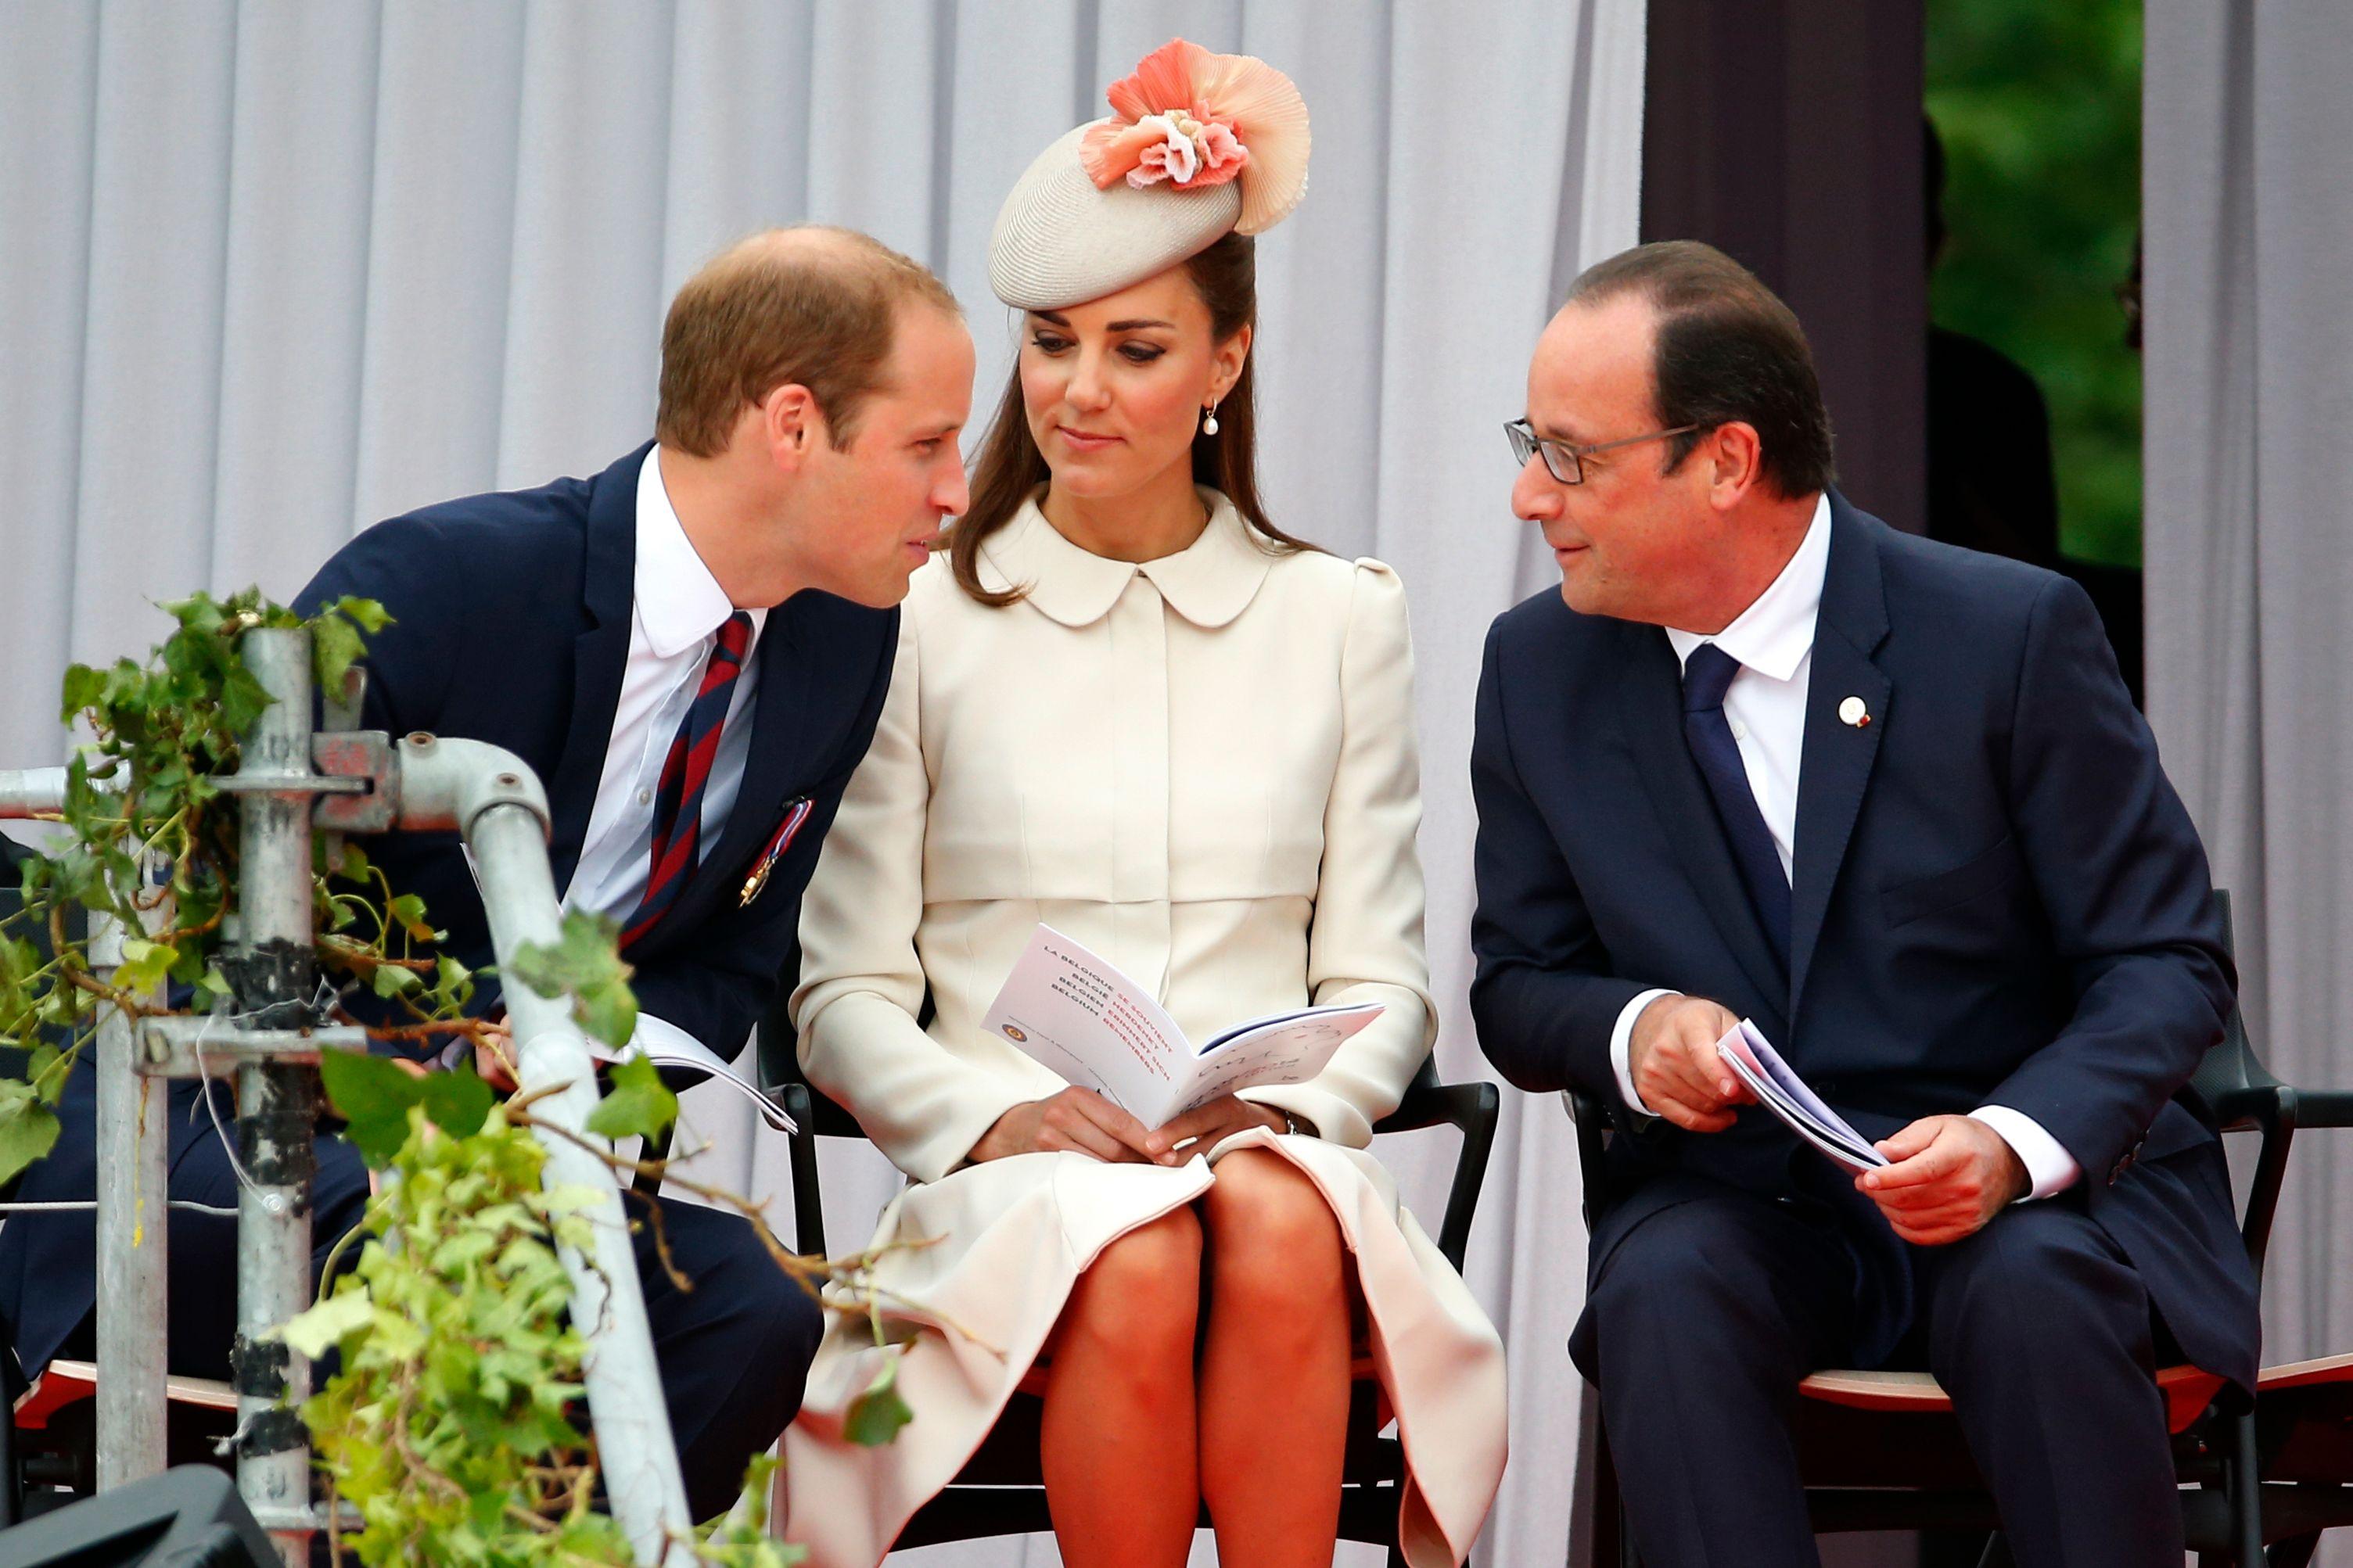 Le Royaume-Uni prépare une arme secrète pour réparer les relations avec l'Europe post-Brexit...la duchesse Kate